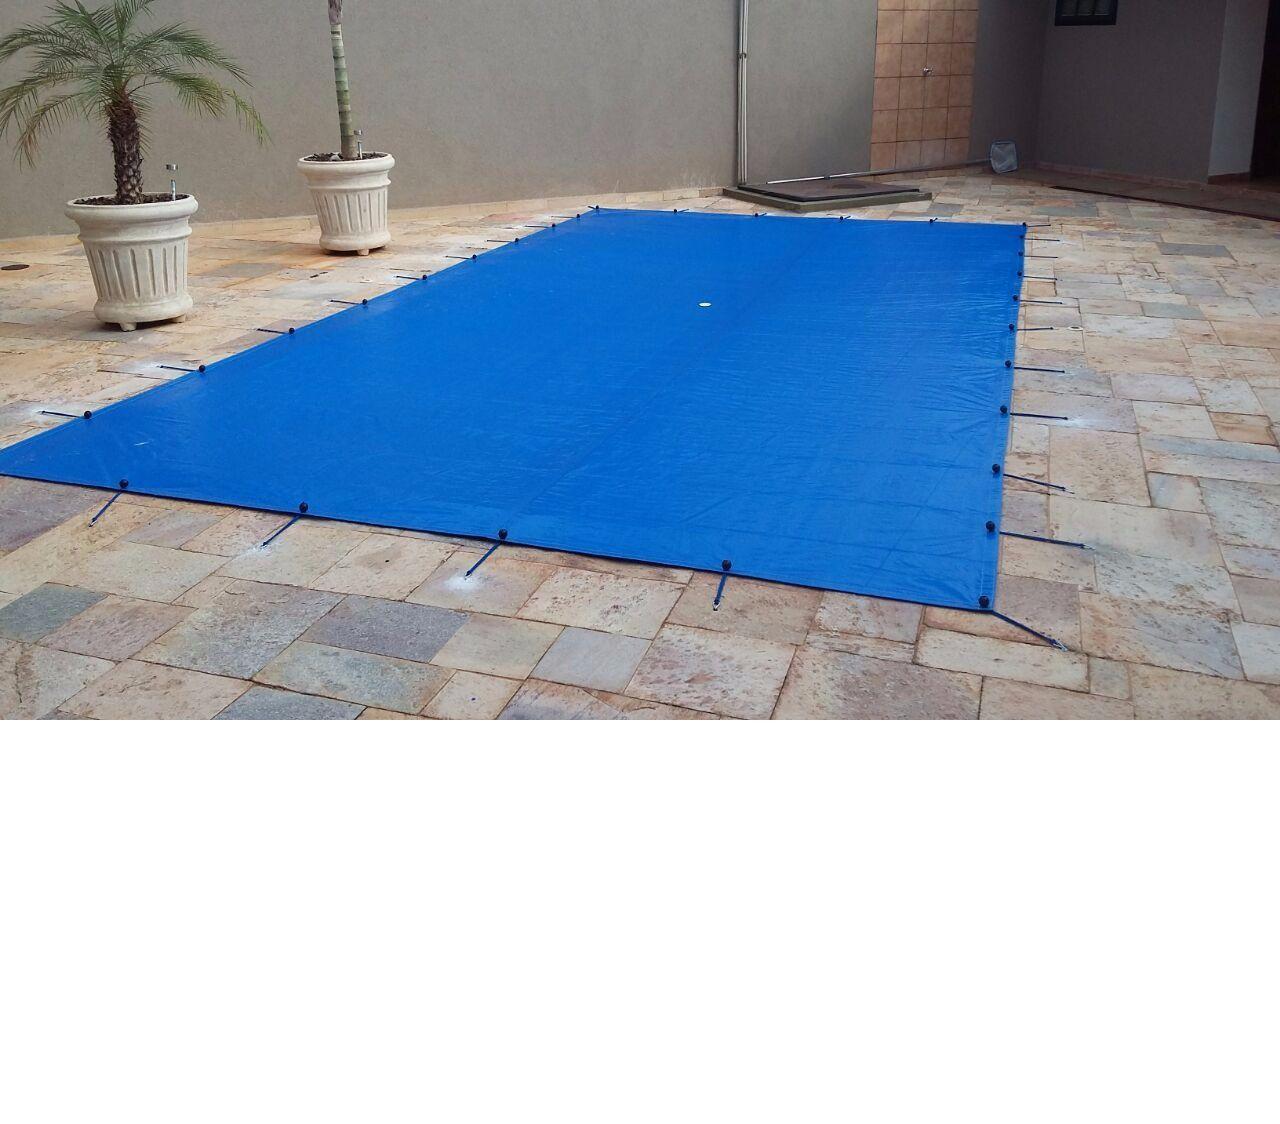 Capa para Piscina SL 500 Azul Completa com Acessórios Pinos e Extensores 10x4 m